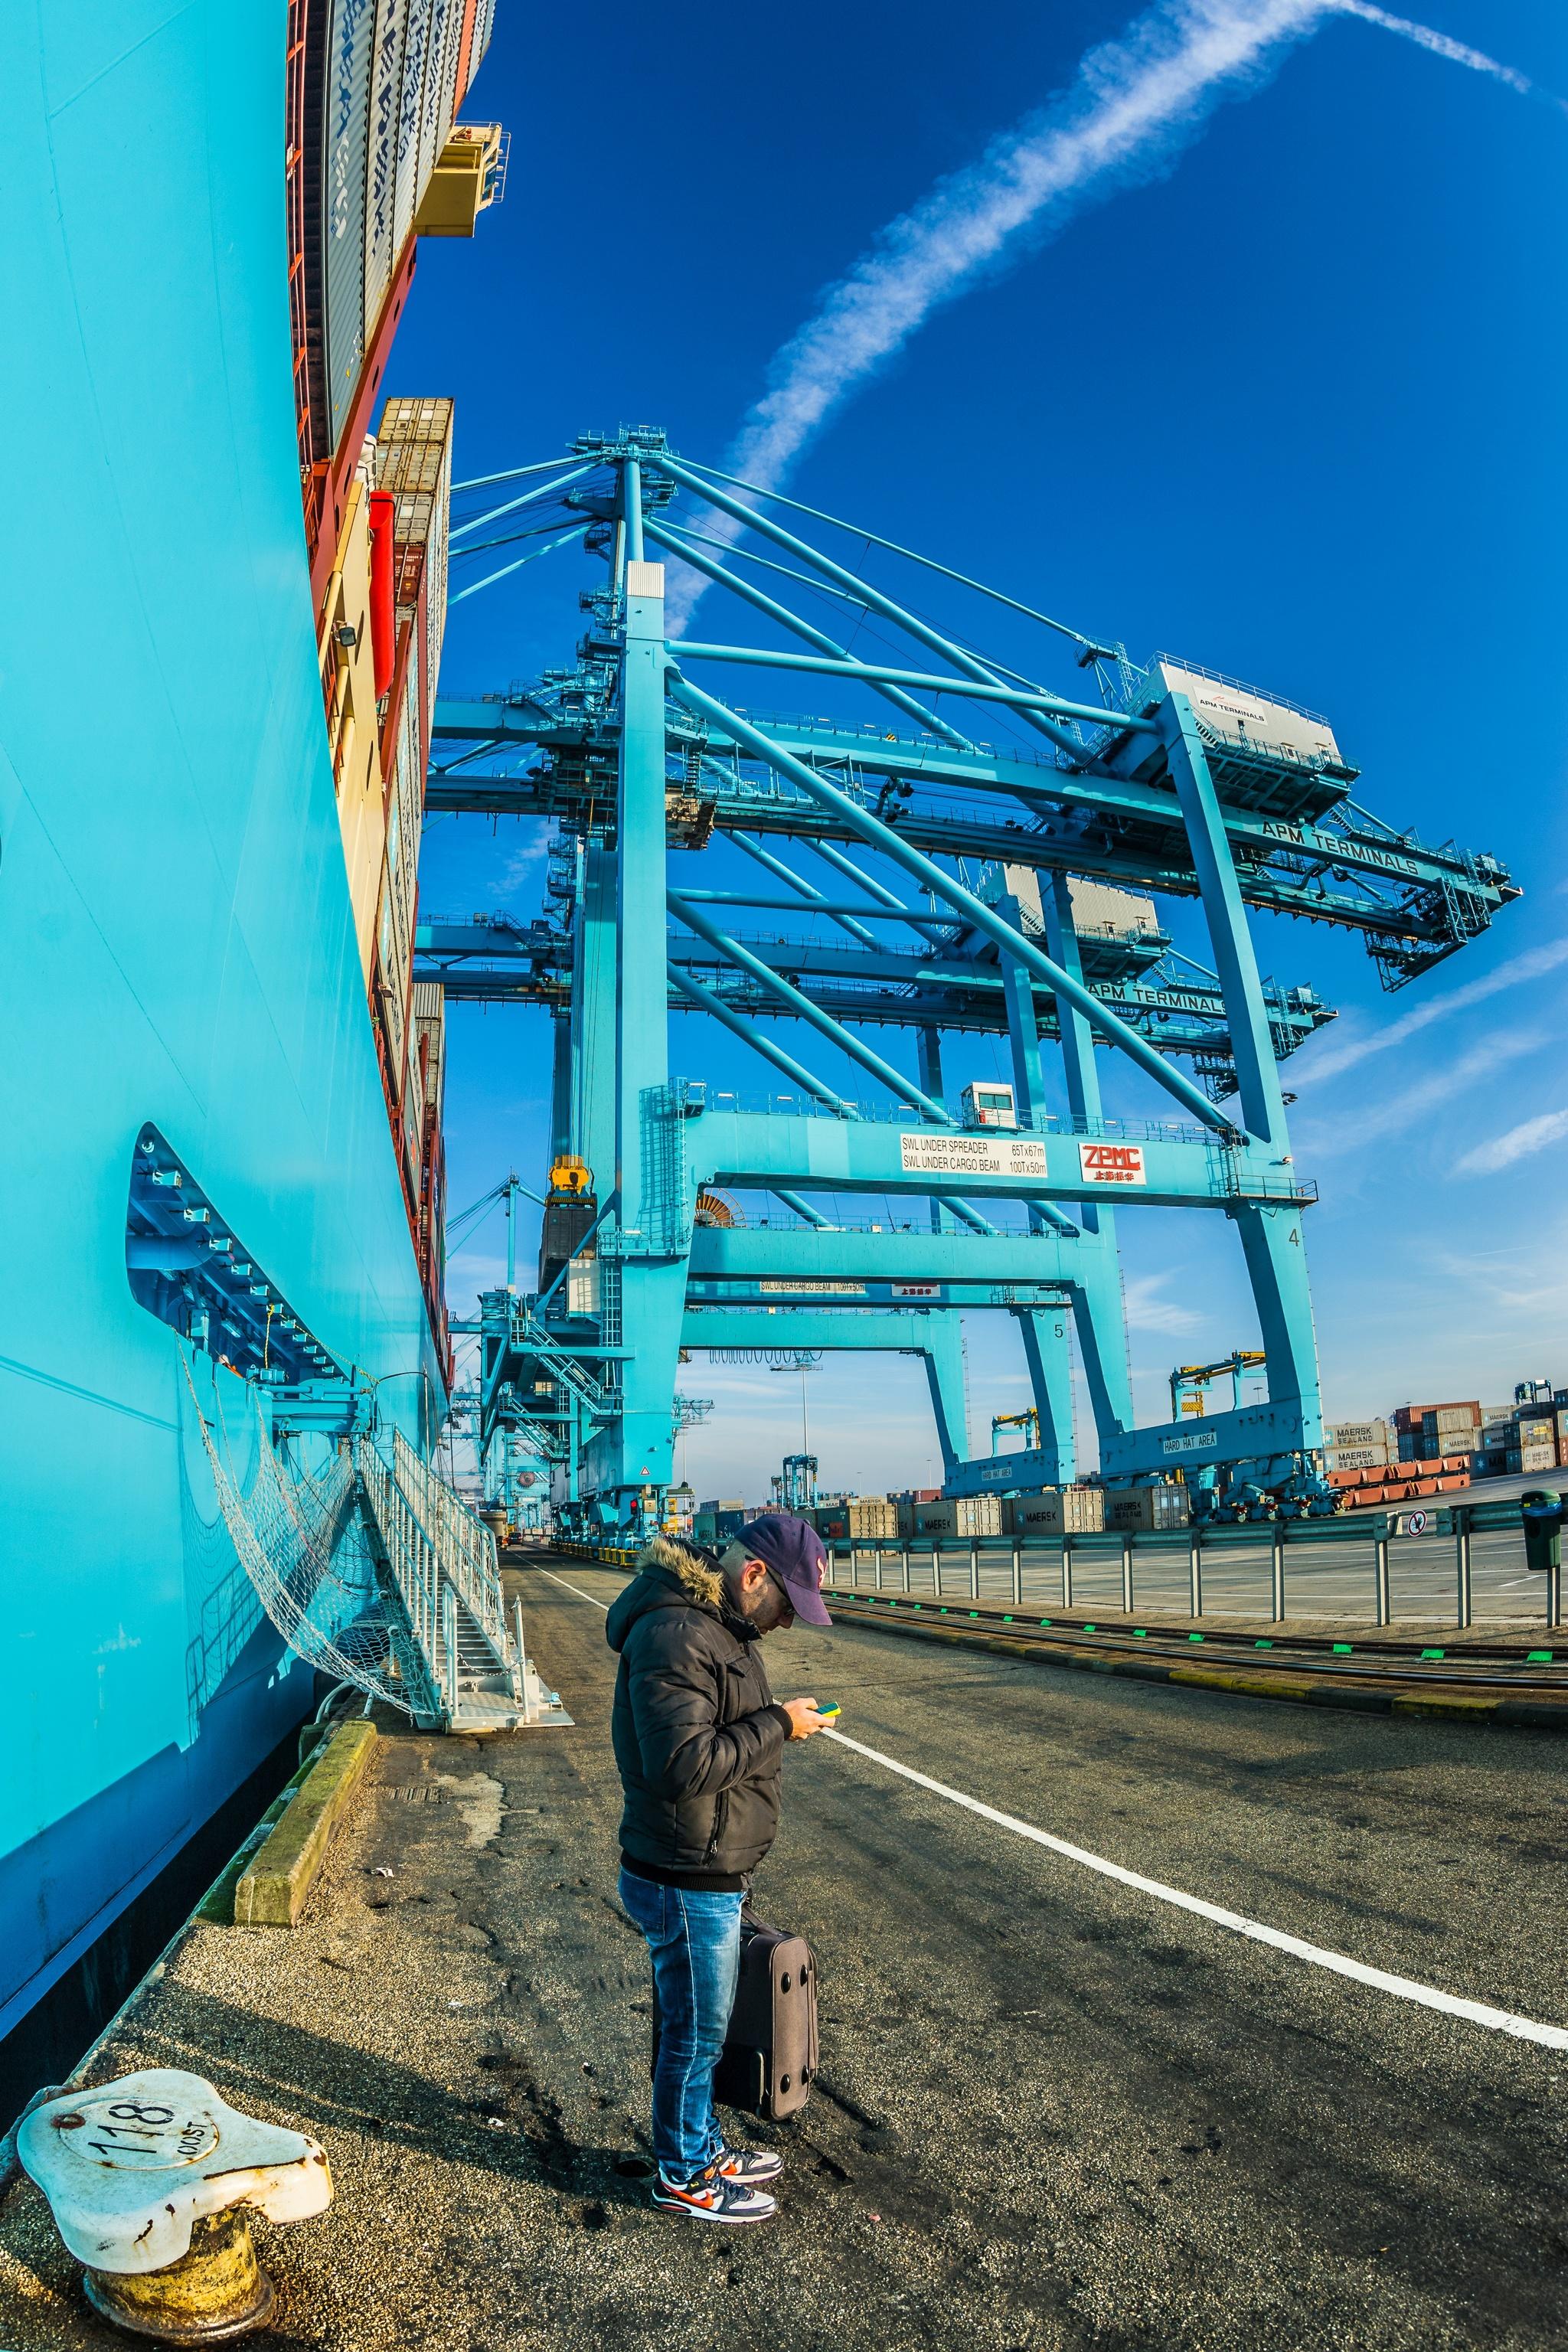 Mayview Maersk przy nabrzeżu APM Maasvlakte w Rotterdamie. Zarówno armator Maersk Line, w barwach którego pływa kontenerowiec, jak i operator portowy APM Terminals wchodzą w skład tej samej duńskiej grupy kapitałowej A.P. Moller-Maersk (fot. Robert Urbaniak)